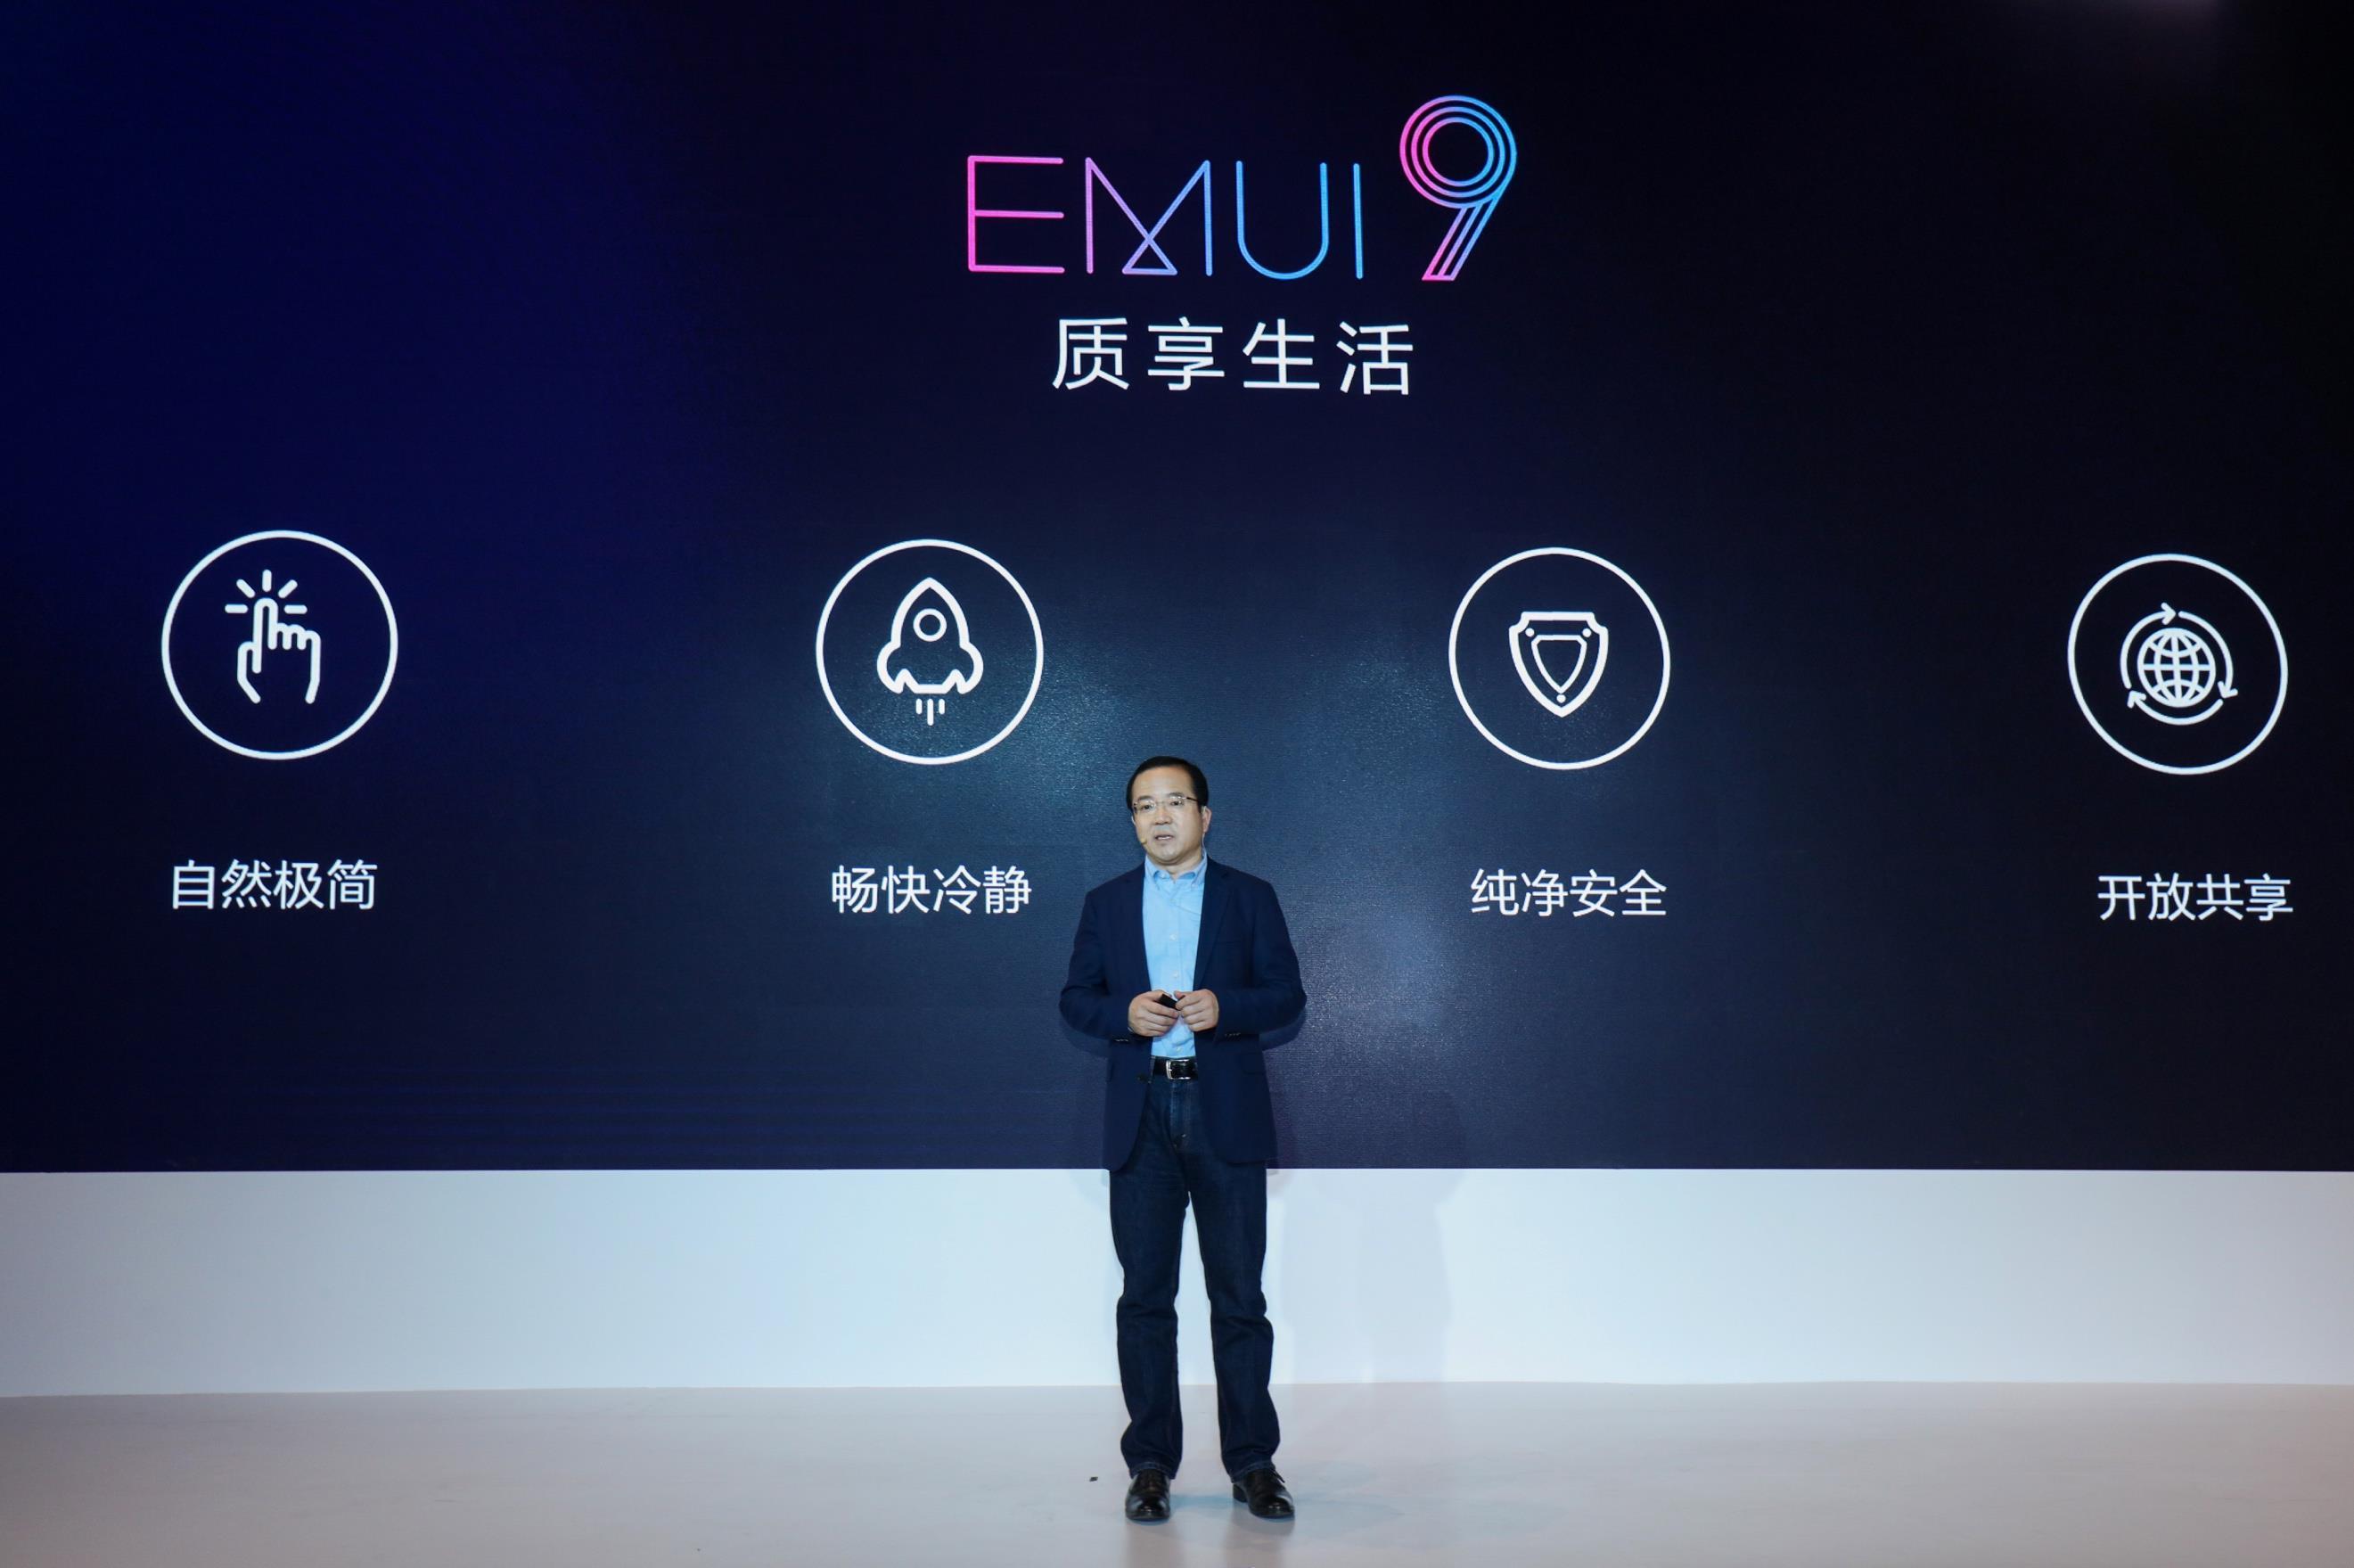 生活资讯_0国内首发适配安卓9.0 数字时代下品质生活再升级